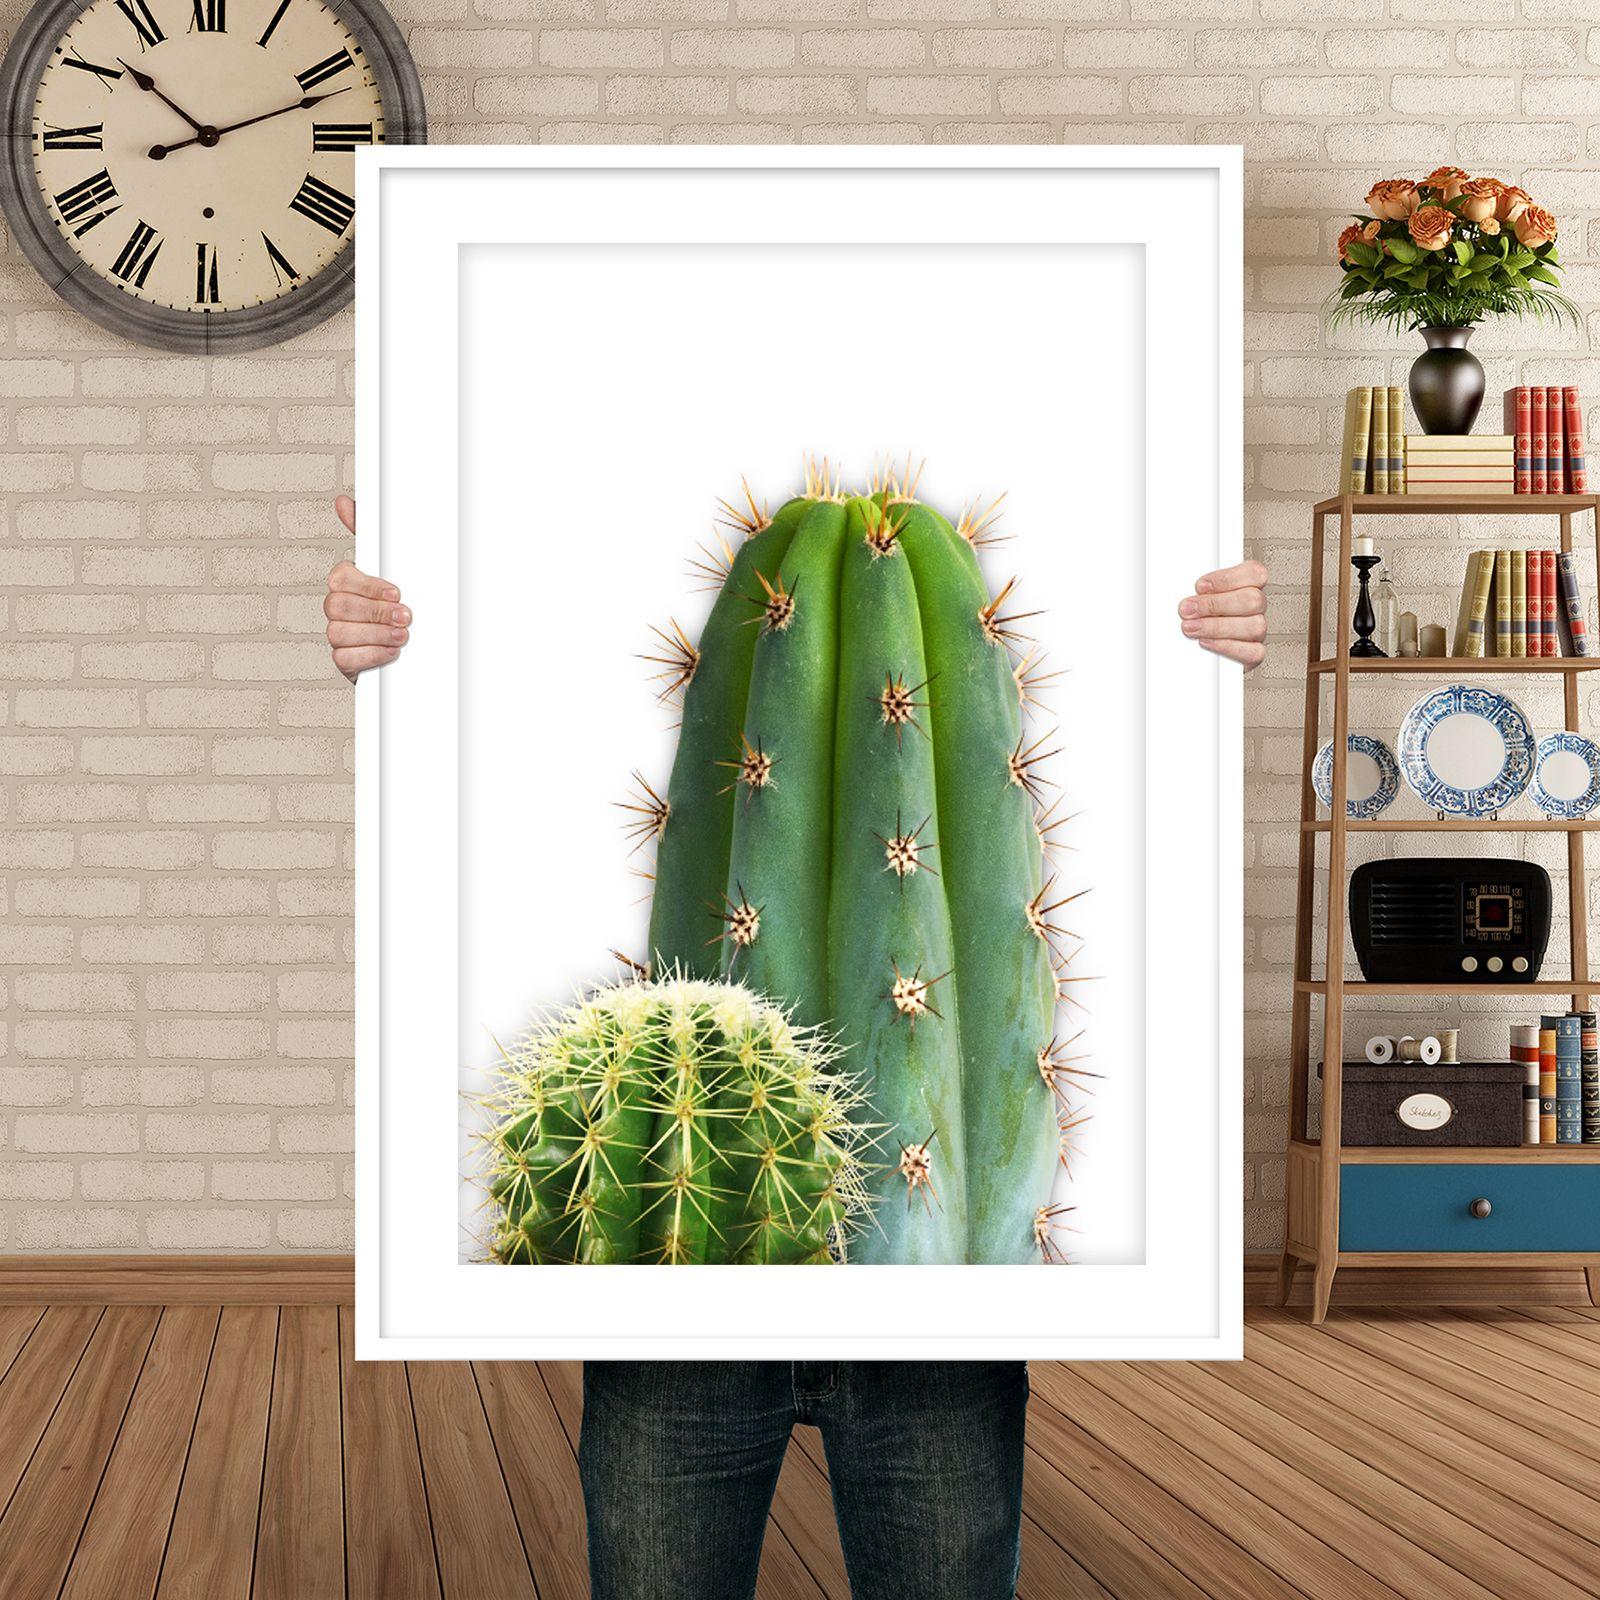 Cactus print large wall art minimalist poster nursery